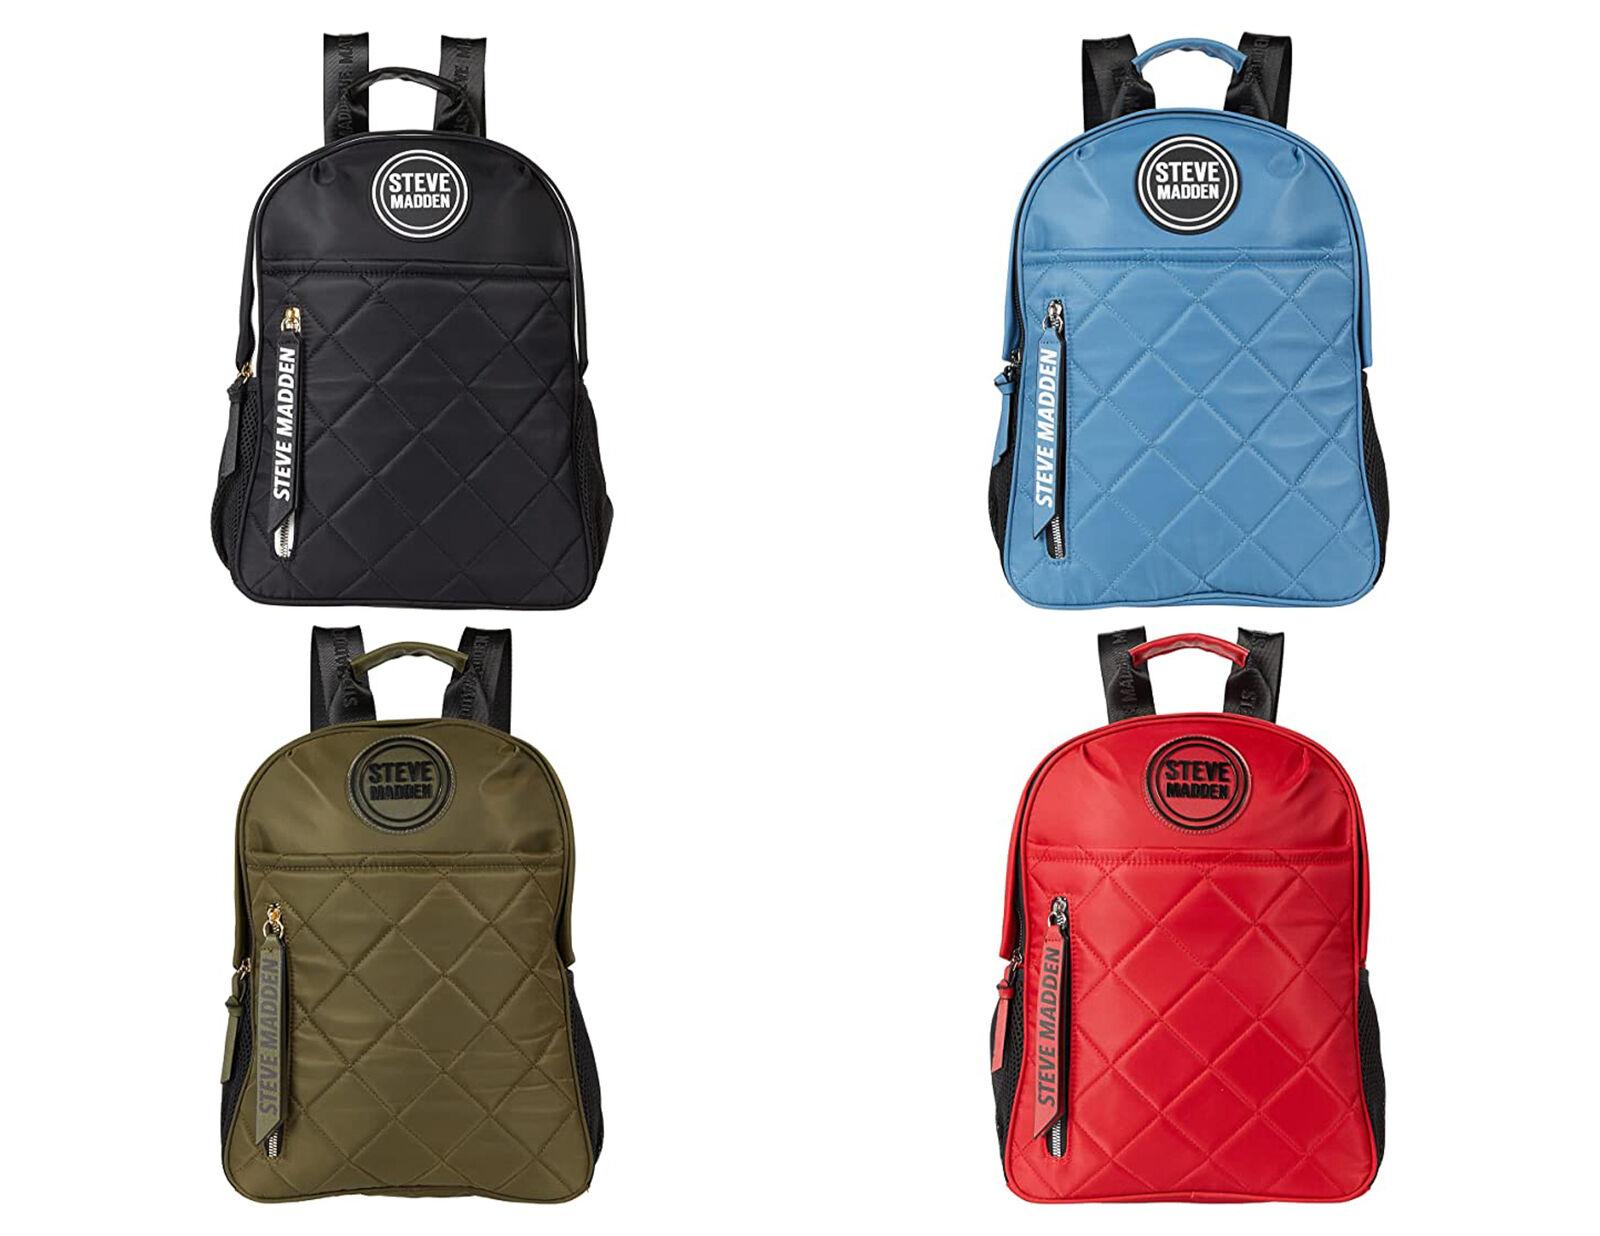 Steve Madden Women's Force 3 Bag Backpack Bookbag